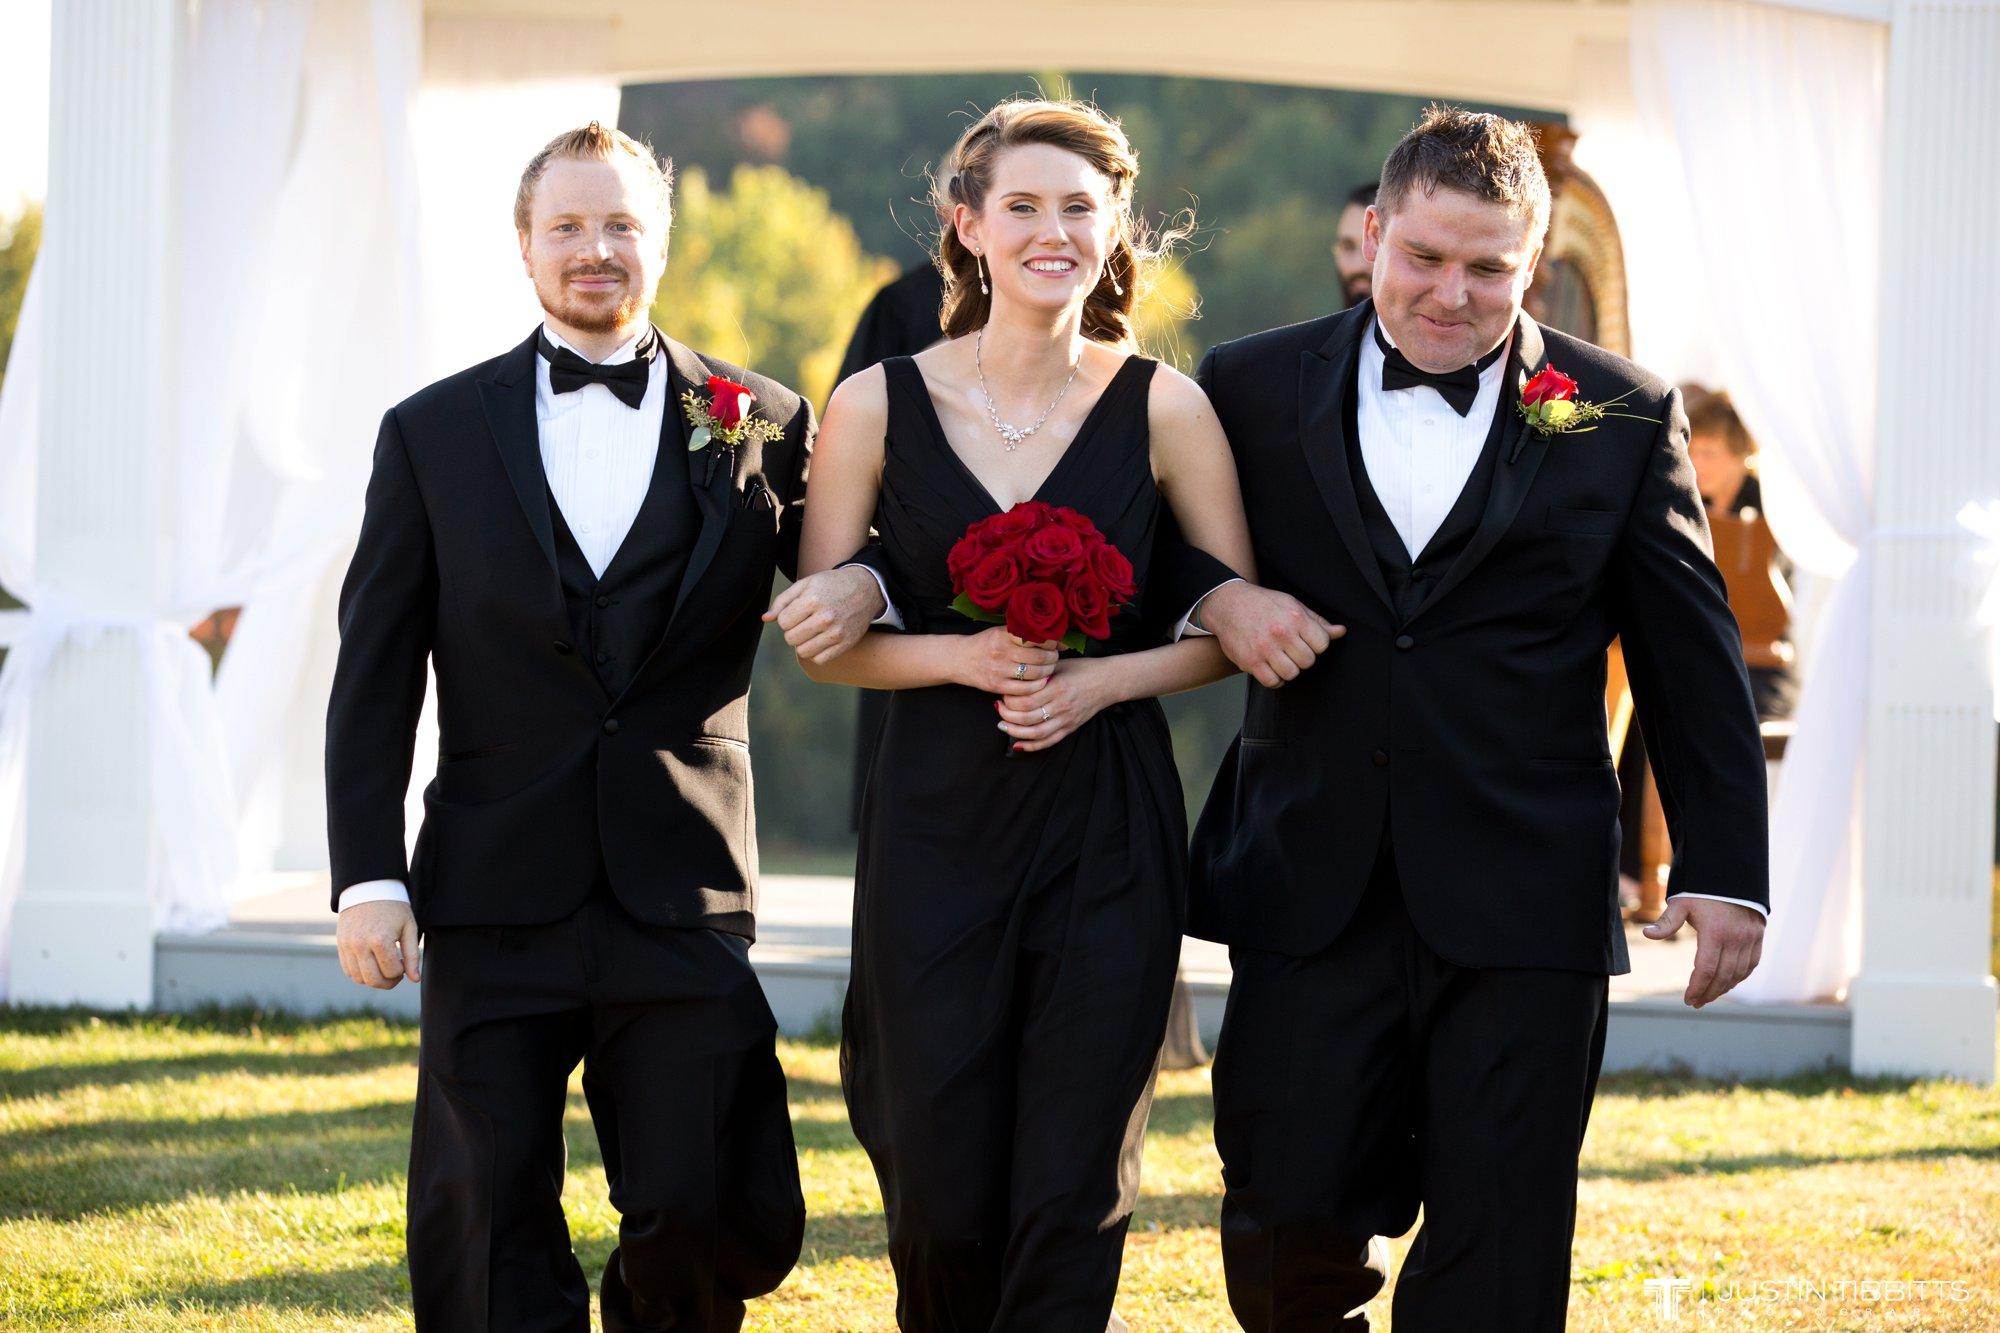 Albany NY Wedding Photographer Justin Tibbitts Photography 2014 Best of Albany NY Weddings-1751432162